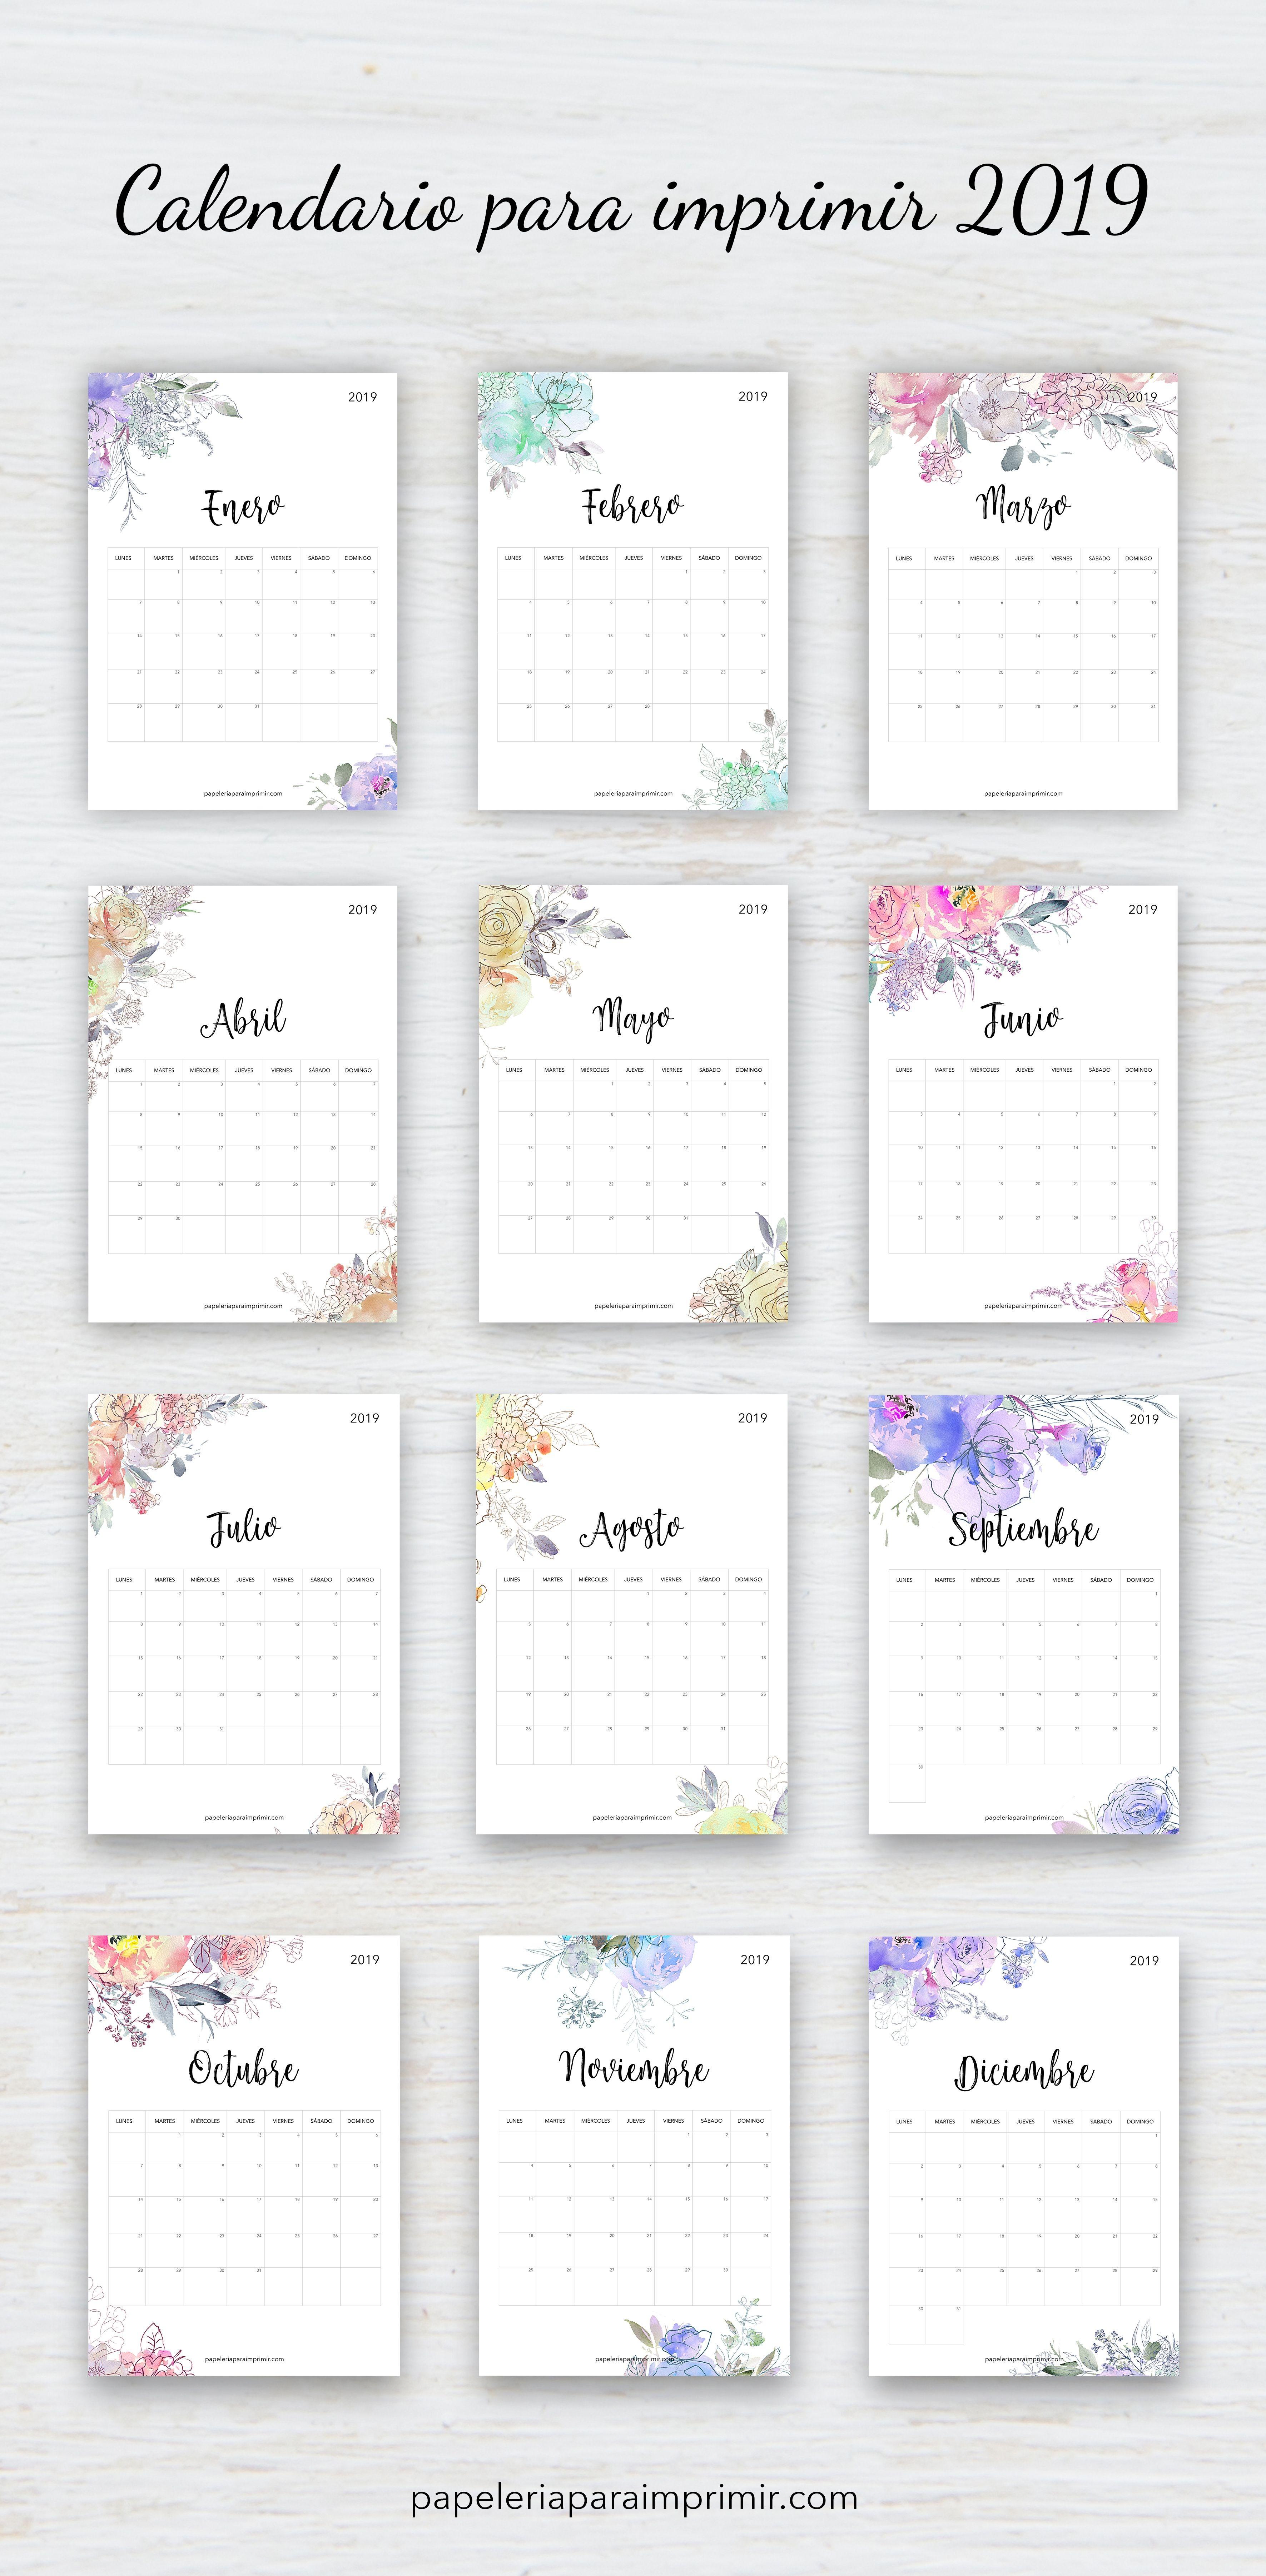 calendario 2016 para imprimir icalendario net